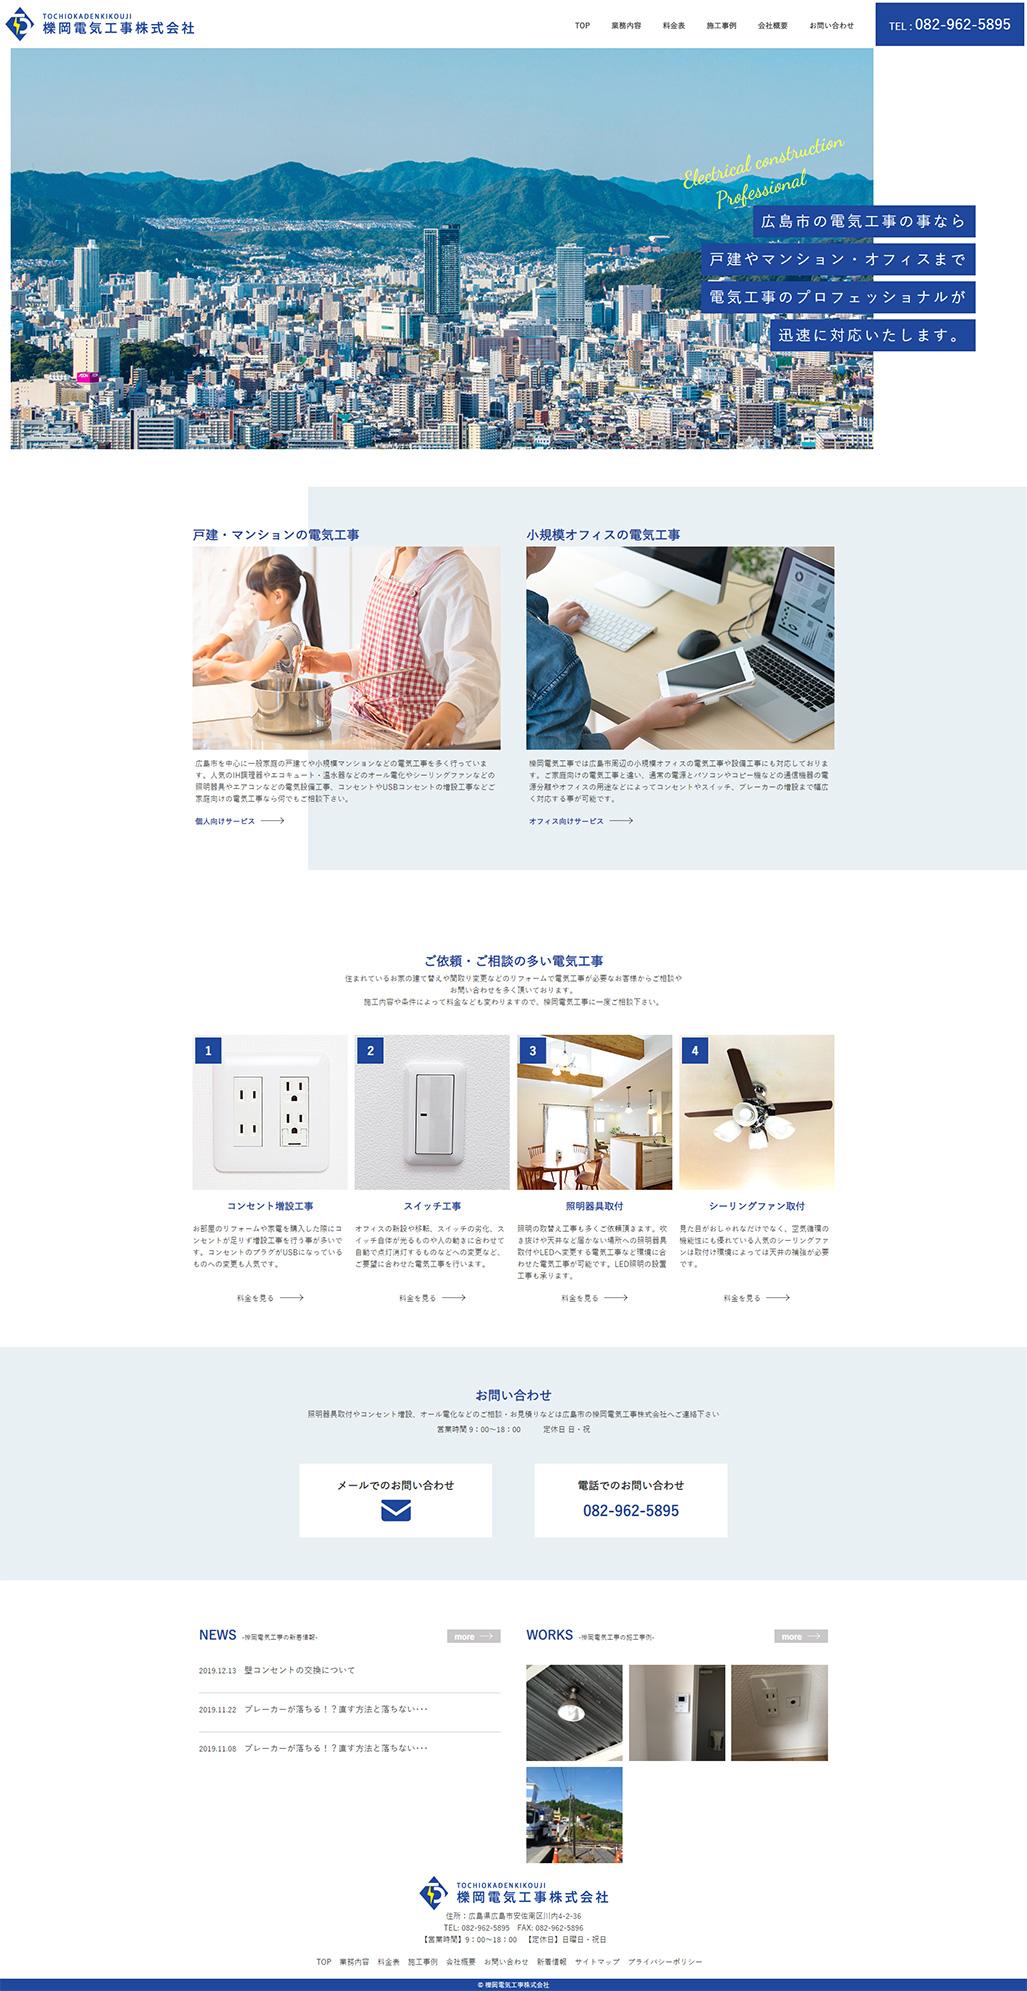 櫟岡電気工事株式会社PCサイトTOP画像